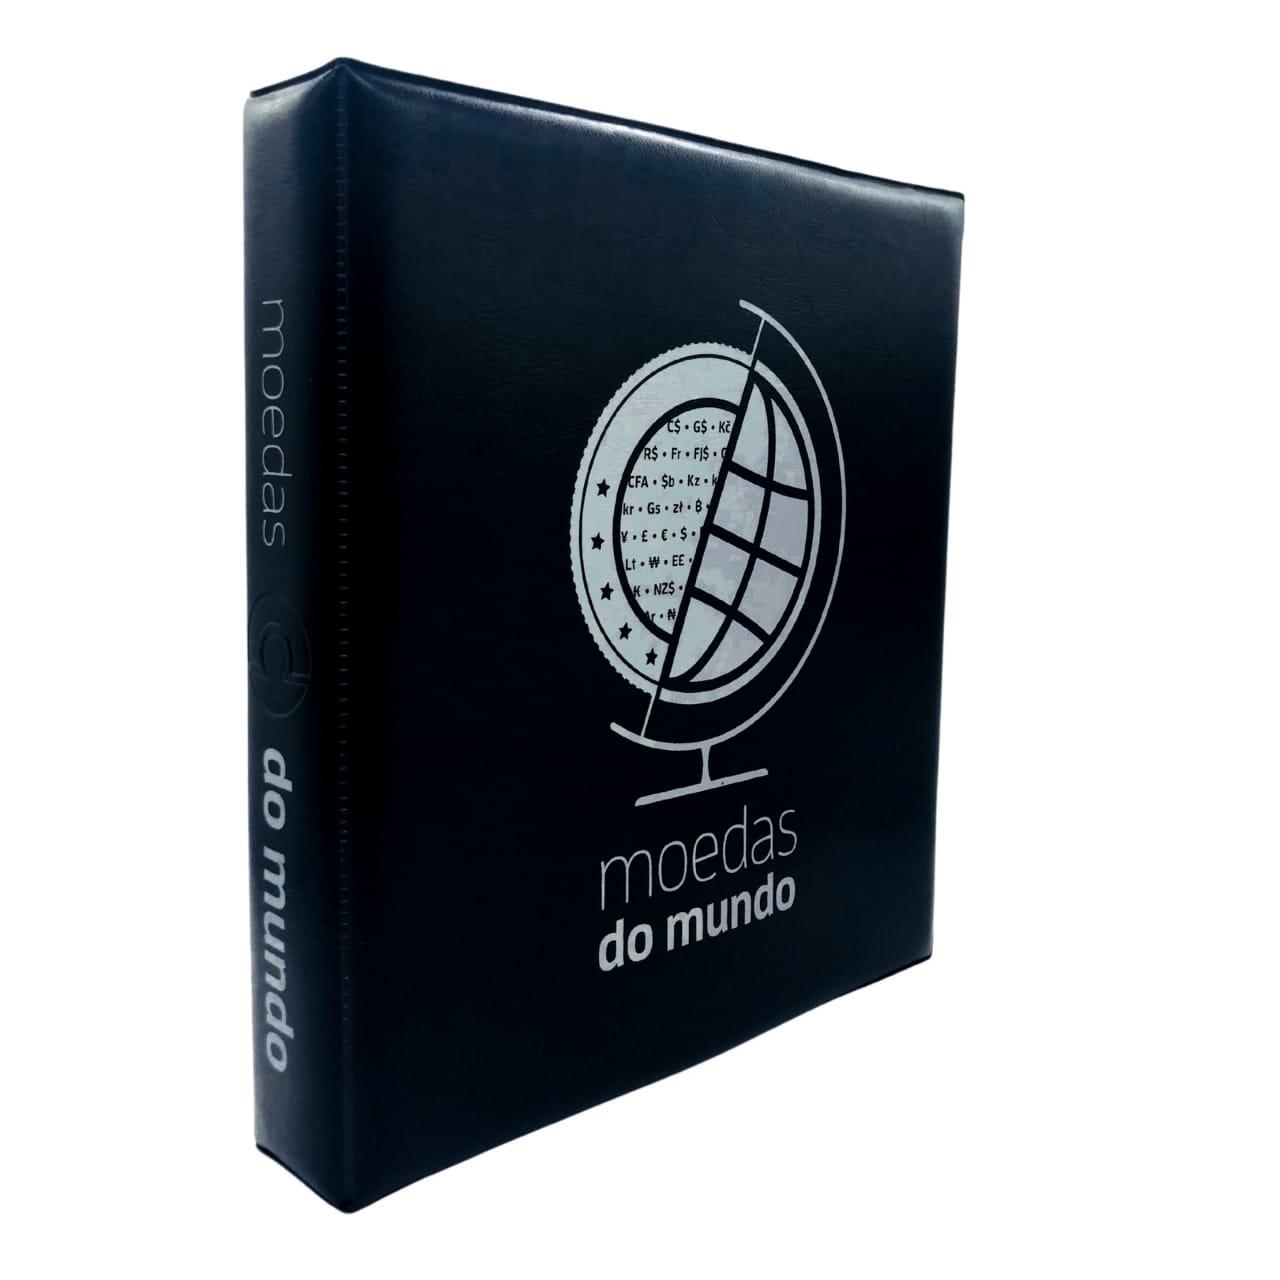 Álbum Moedas do Mundo - FMDMundo